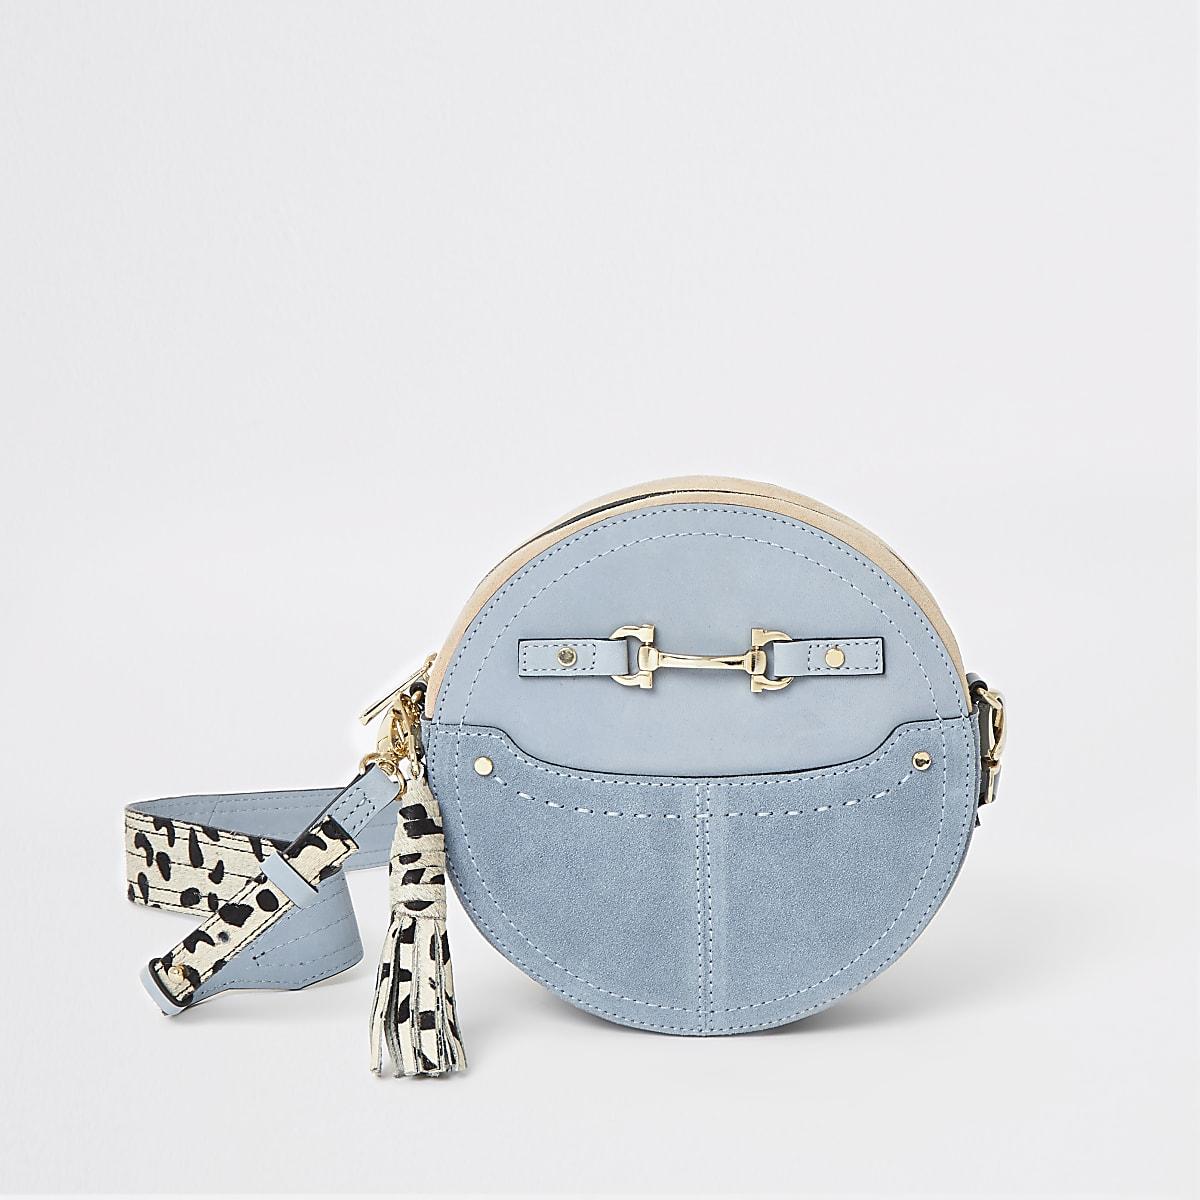 Hellblaue, runde Umhängetasche aus Leder